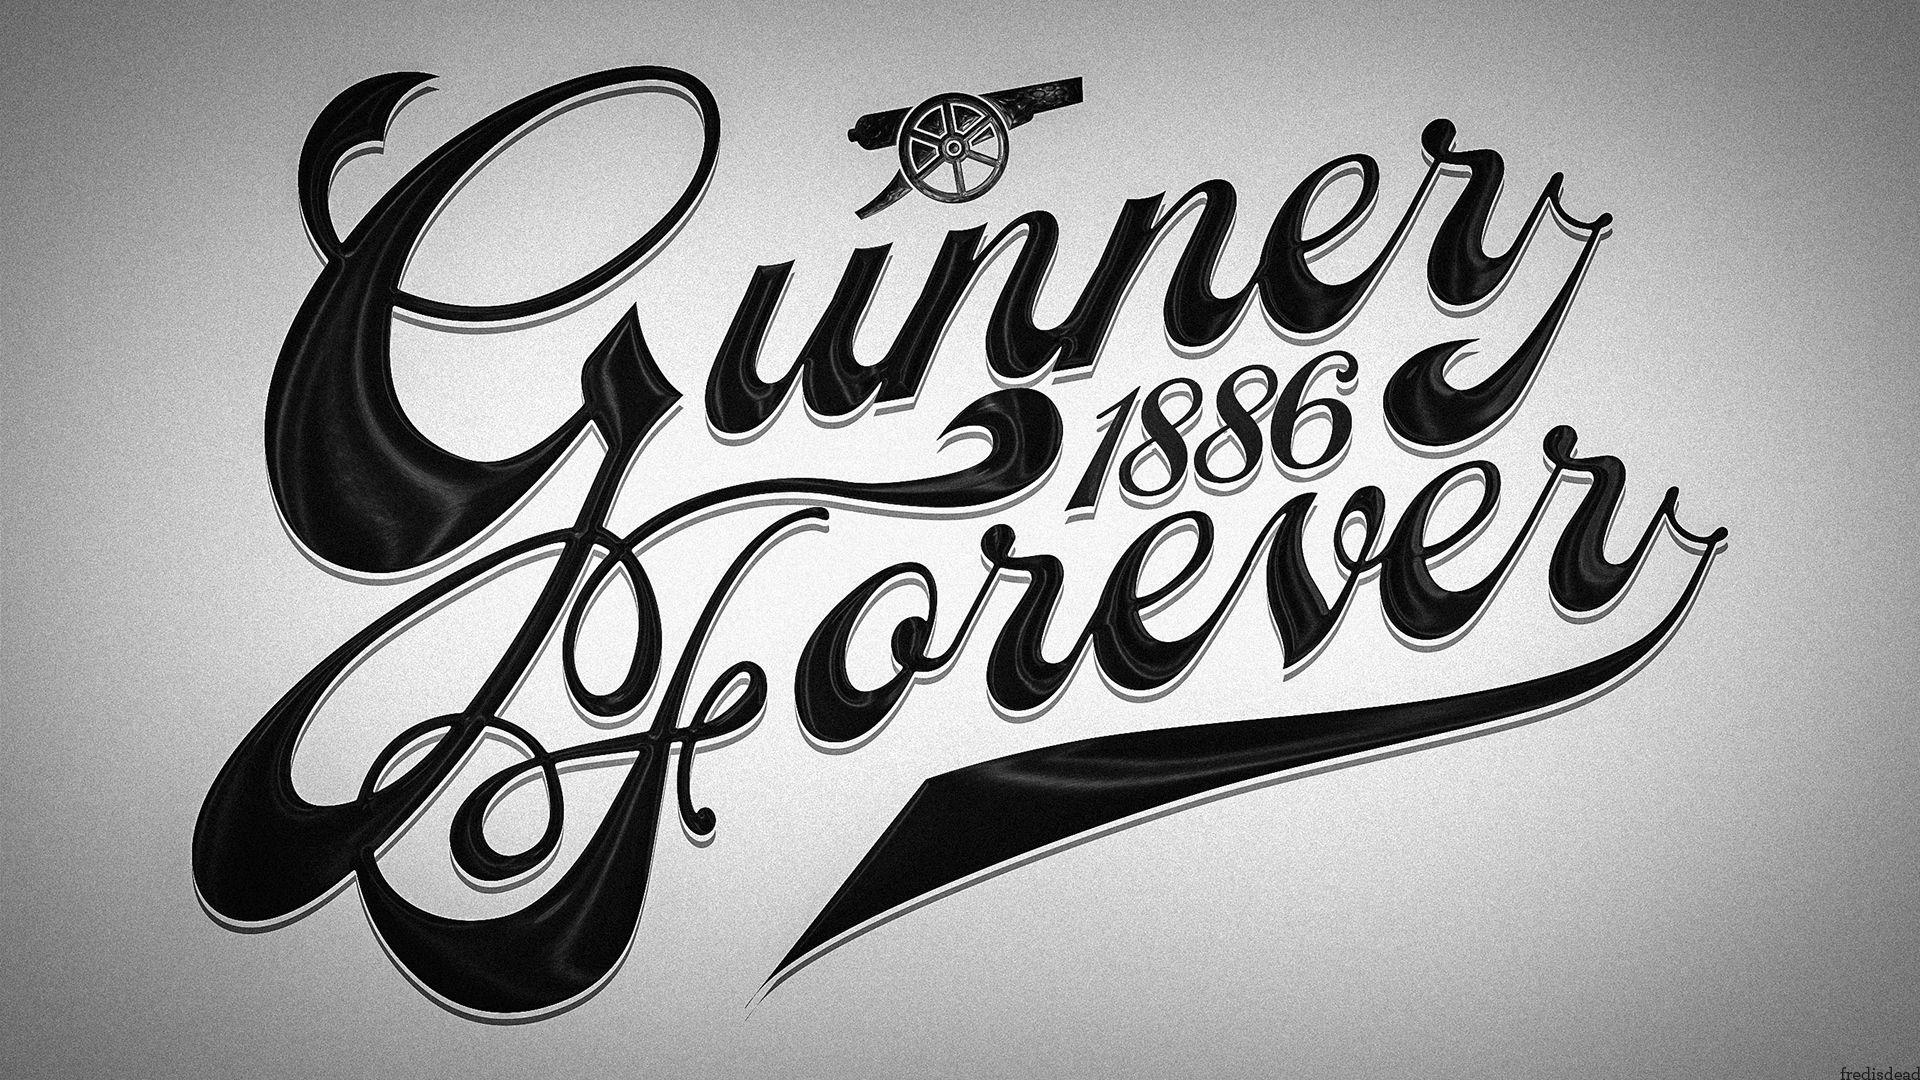 Gunnerforever Black White Wallpaper Arsenal Afc